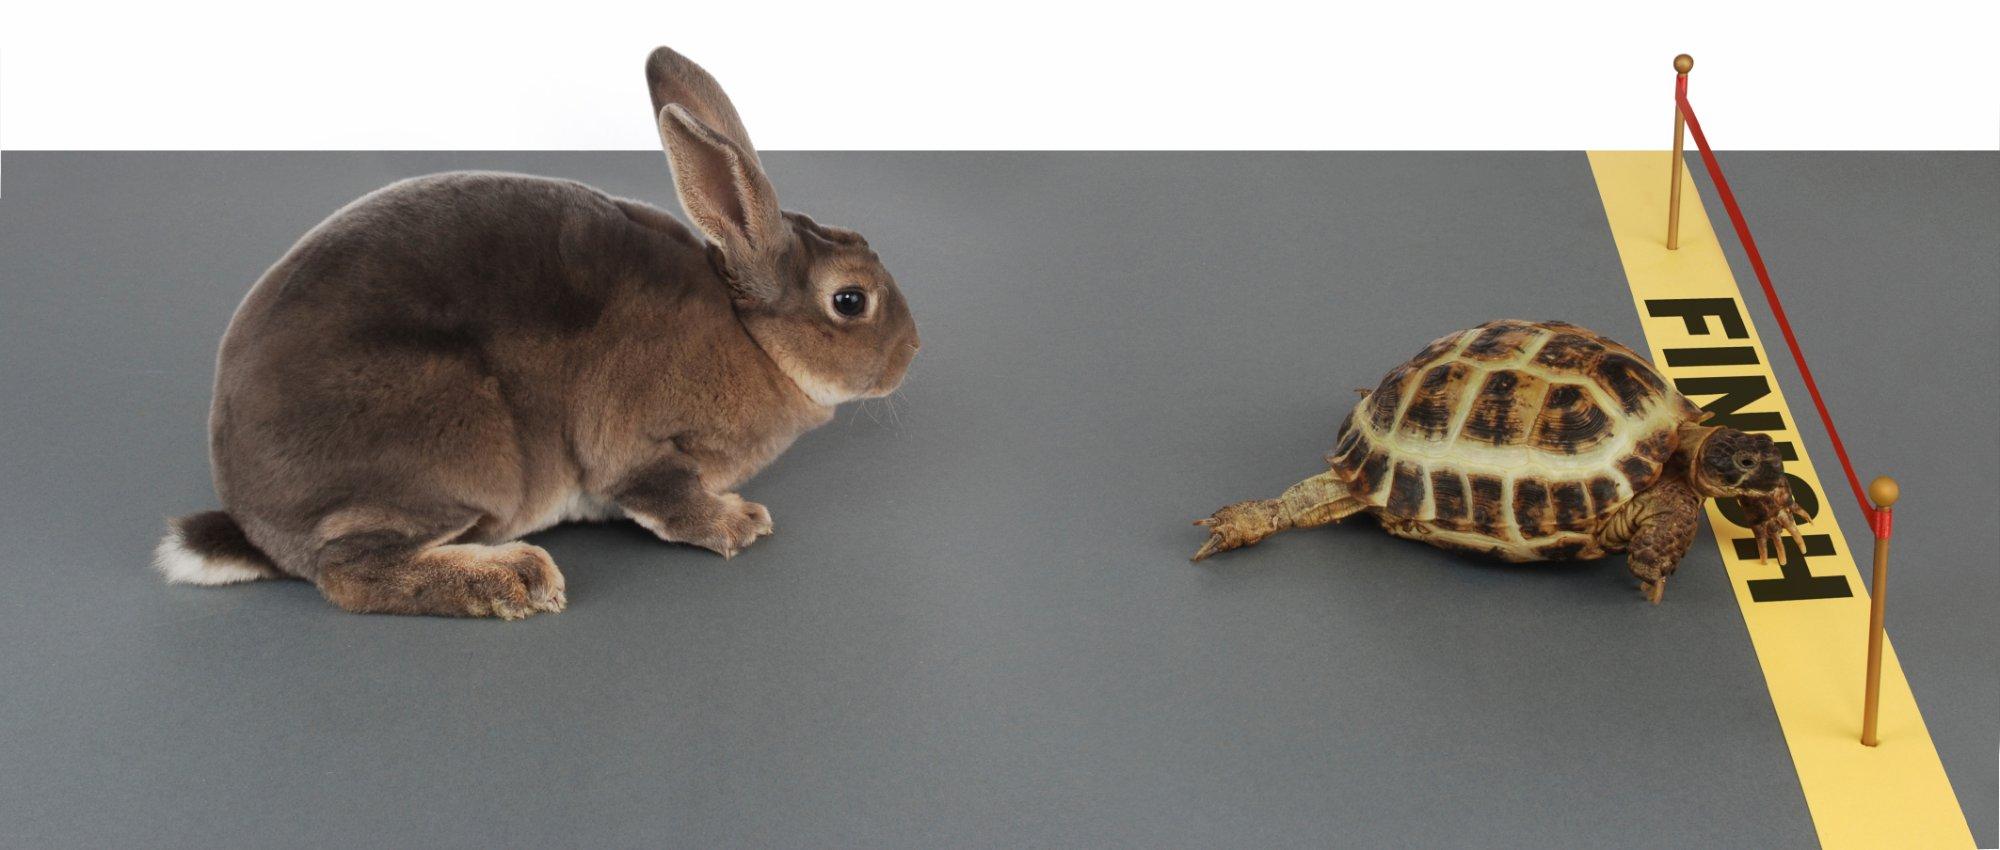 lepre tartaruga